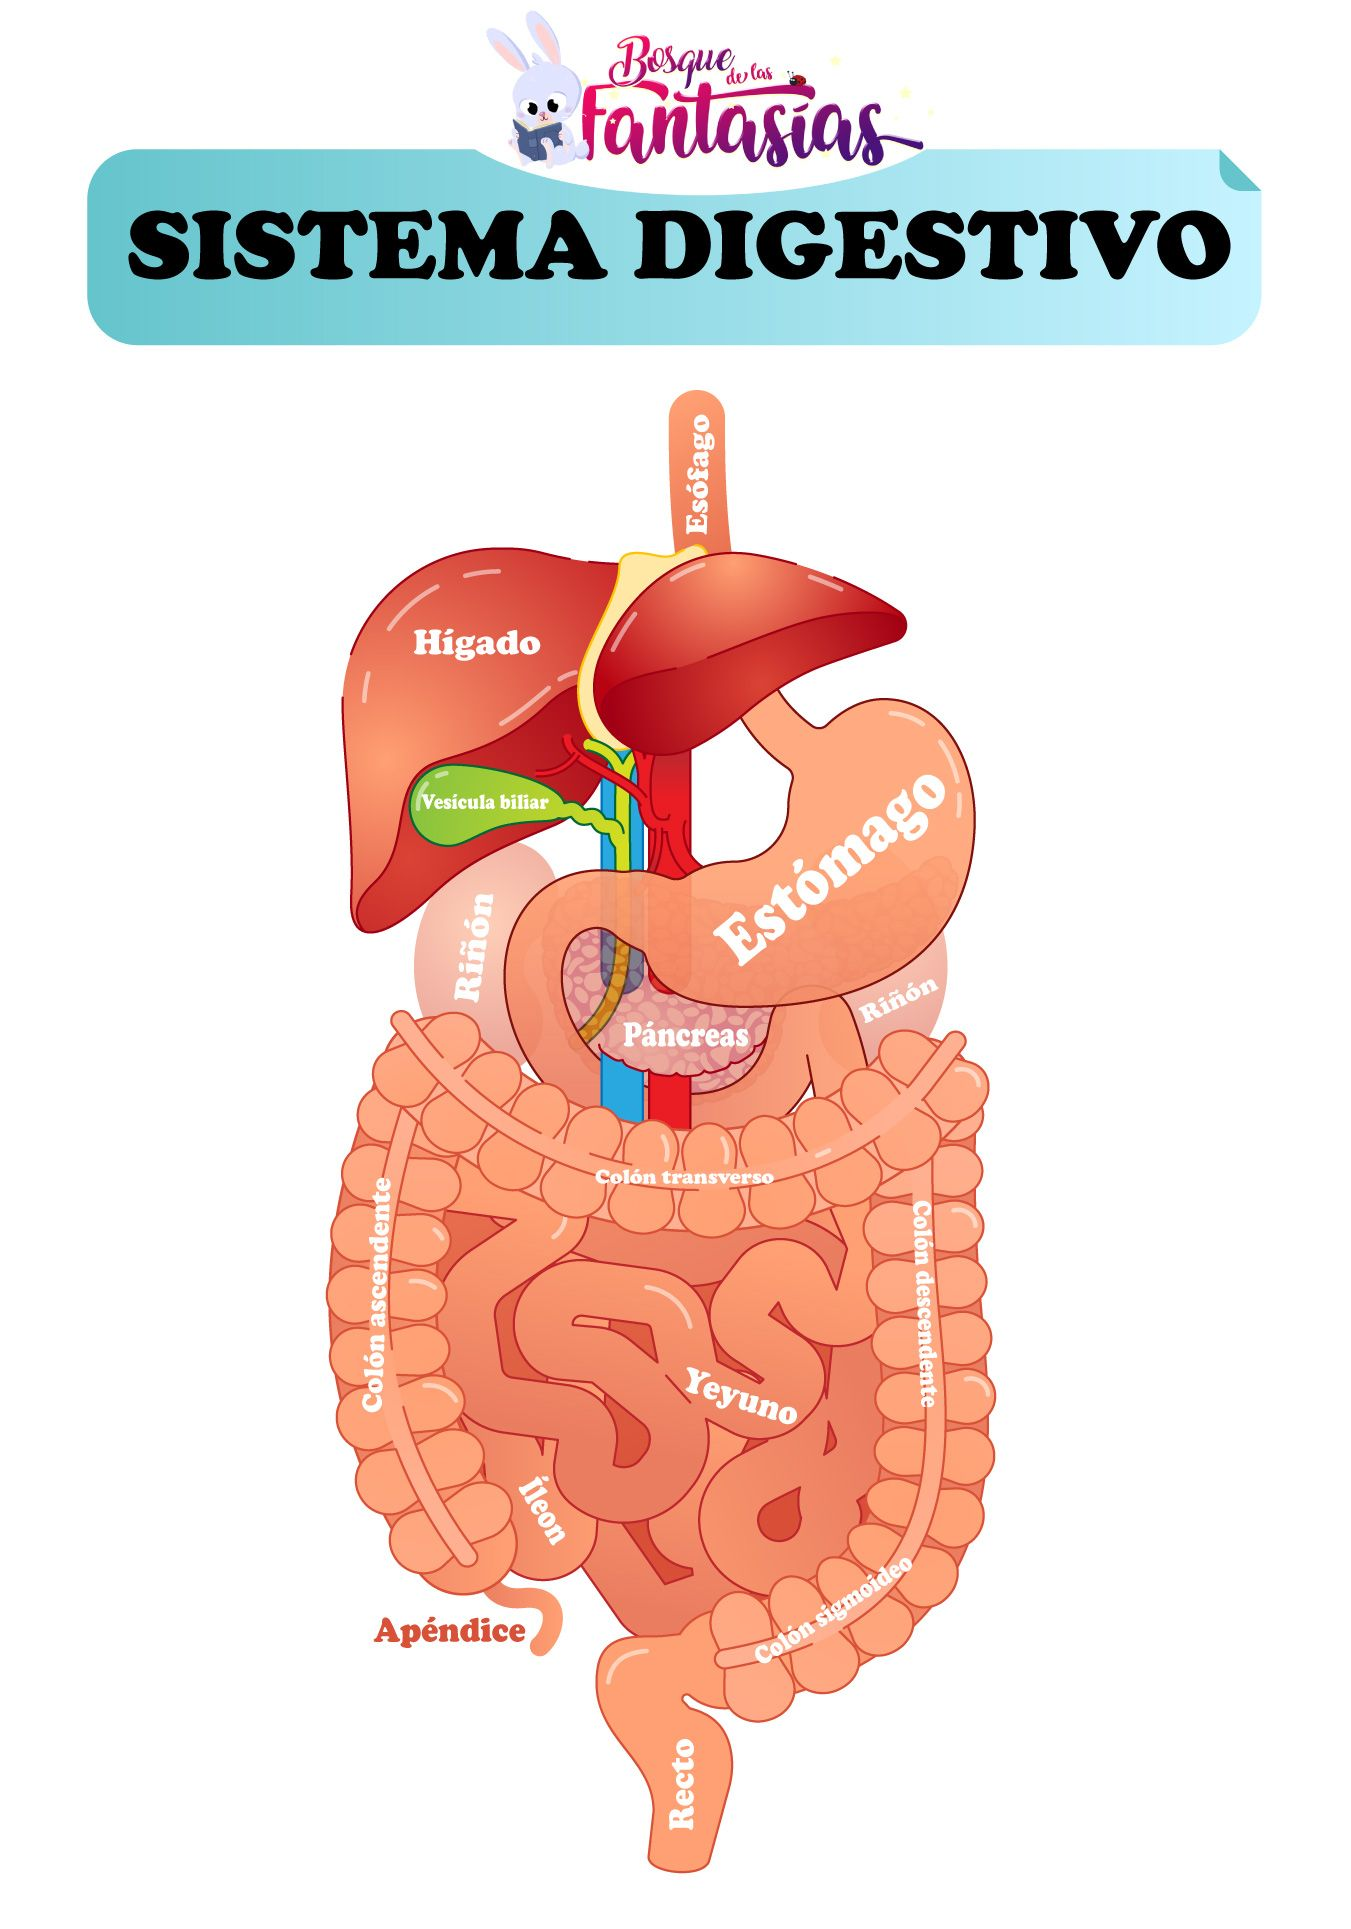 El Sistema Digestivo Partes órganos Y Función Para Niños Sistema Digestivo Para Niños Sistema Digestivo Partes Sistema Digestivo